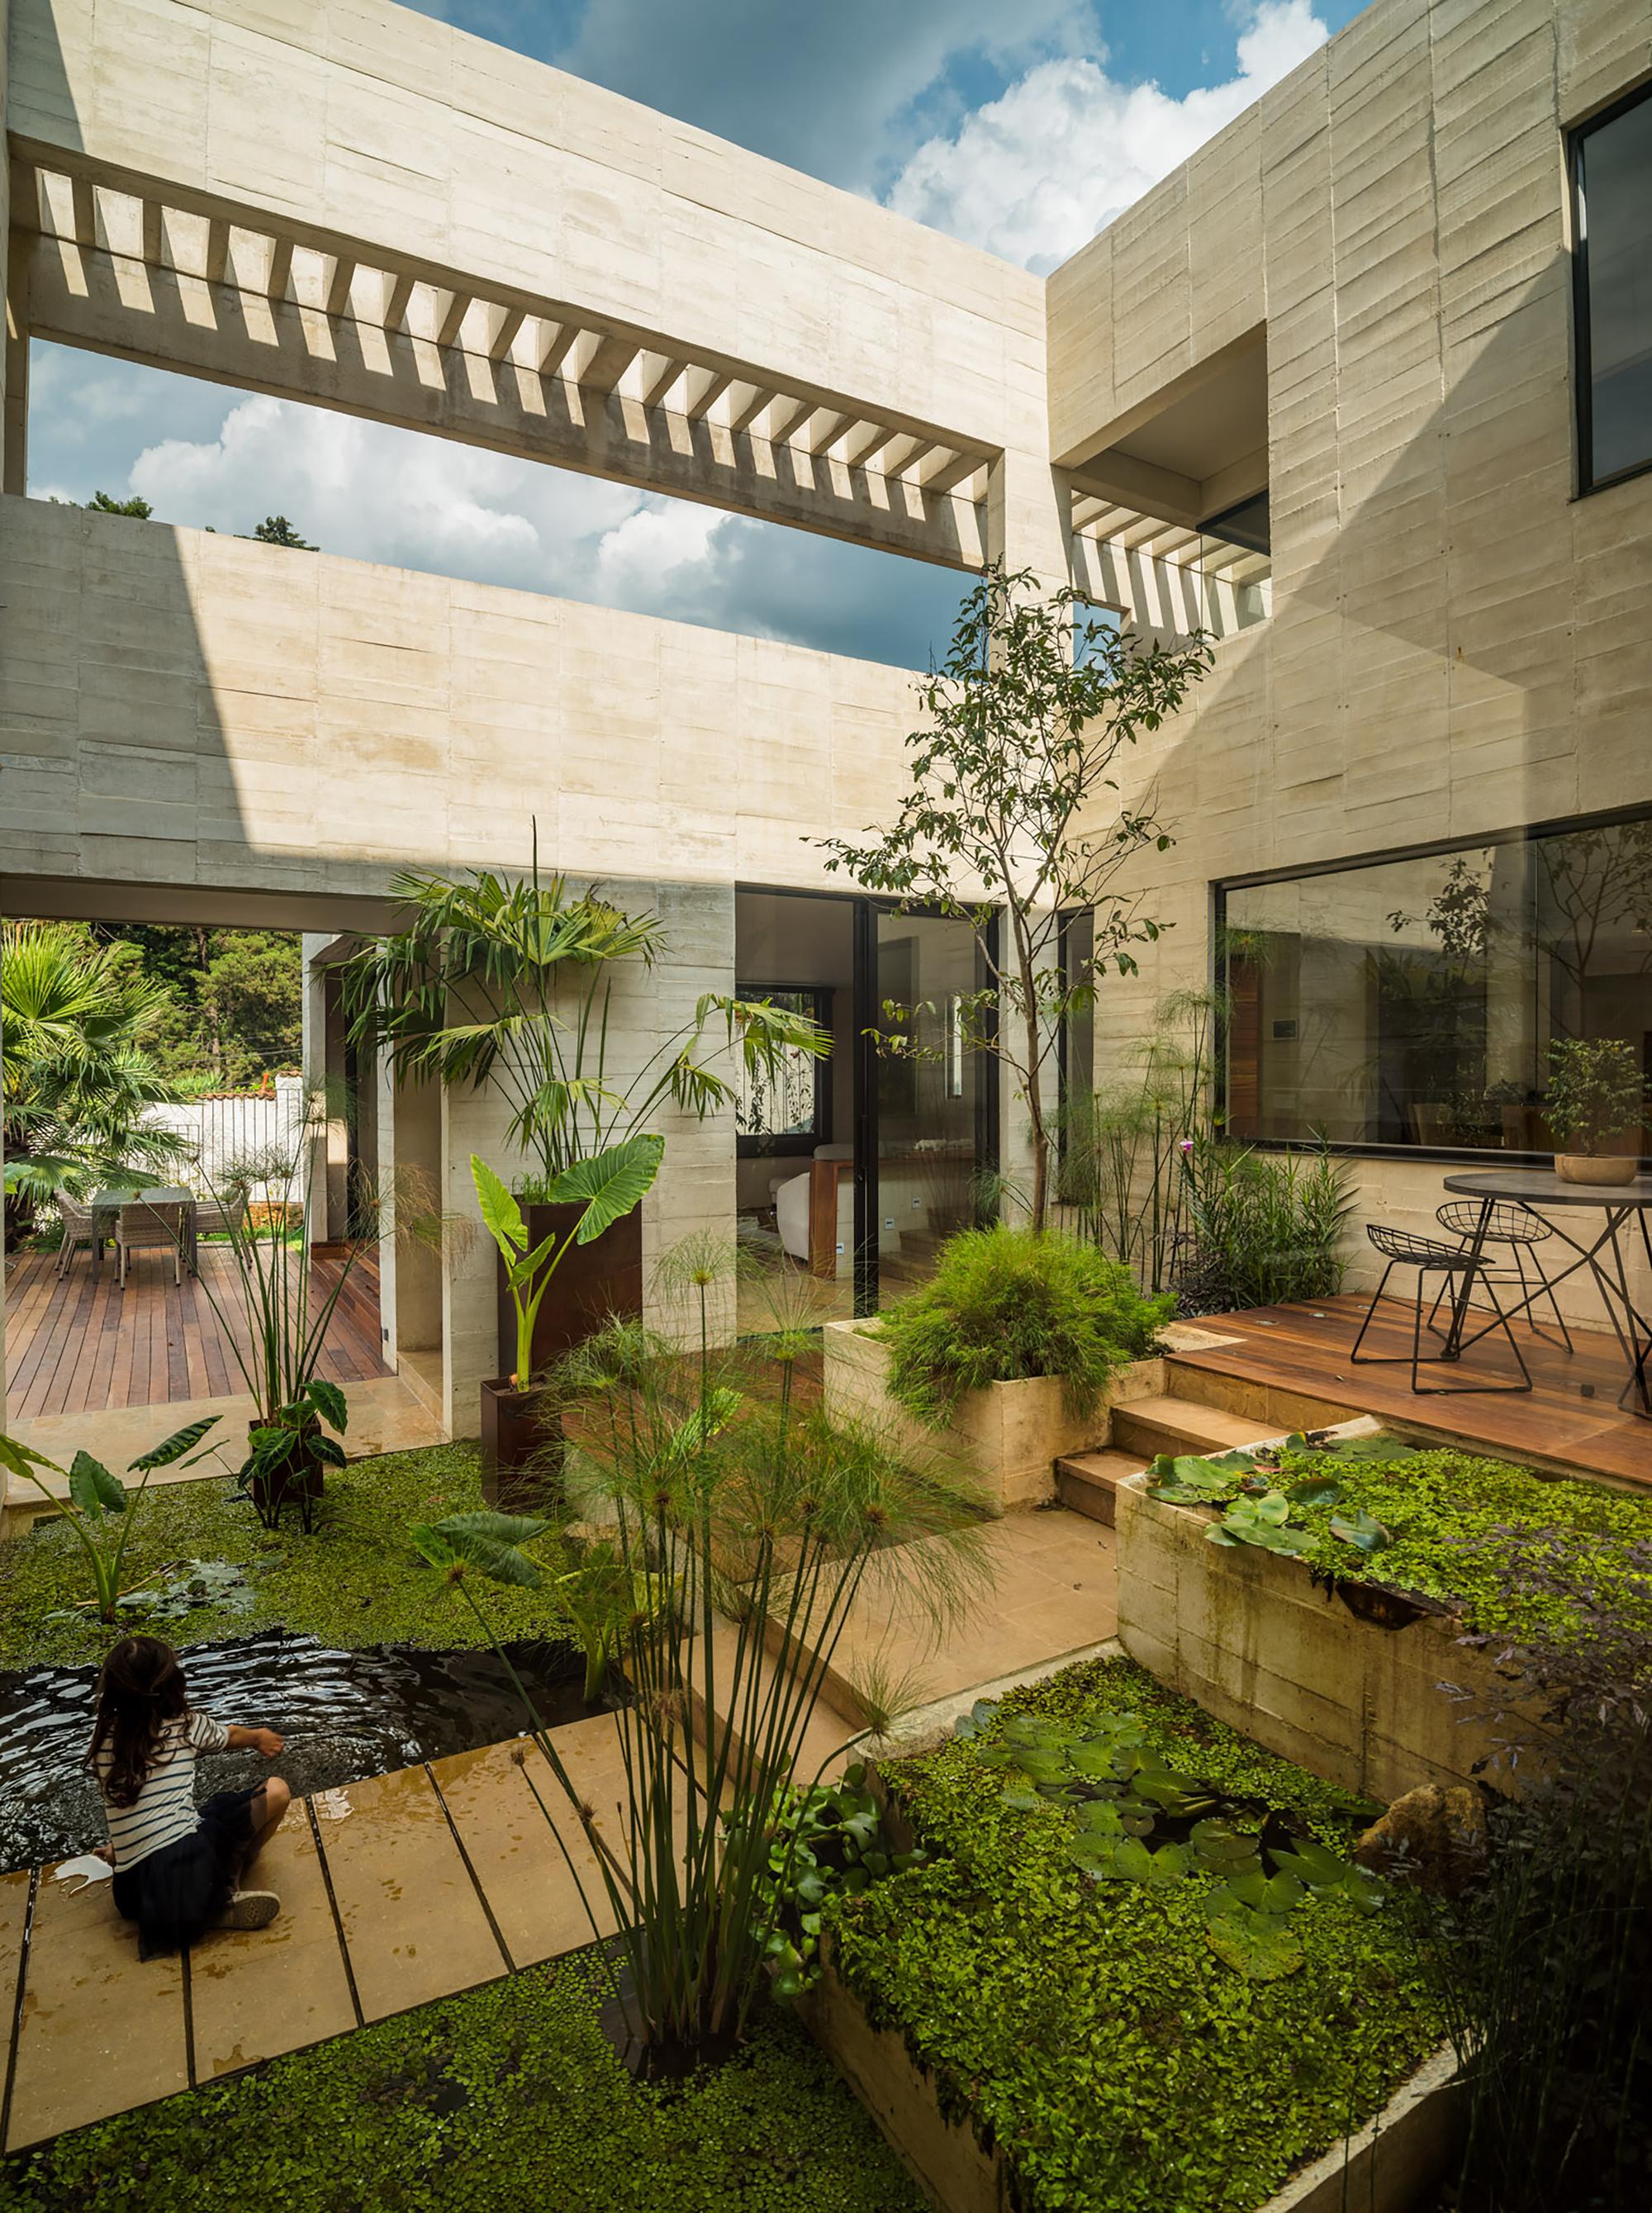 Galer a de casa jard n connatural 6 for Casa mansion los jardines havana